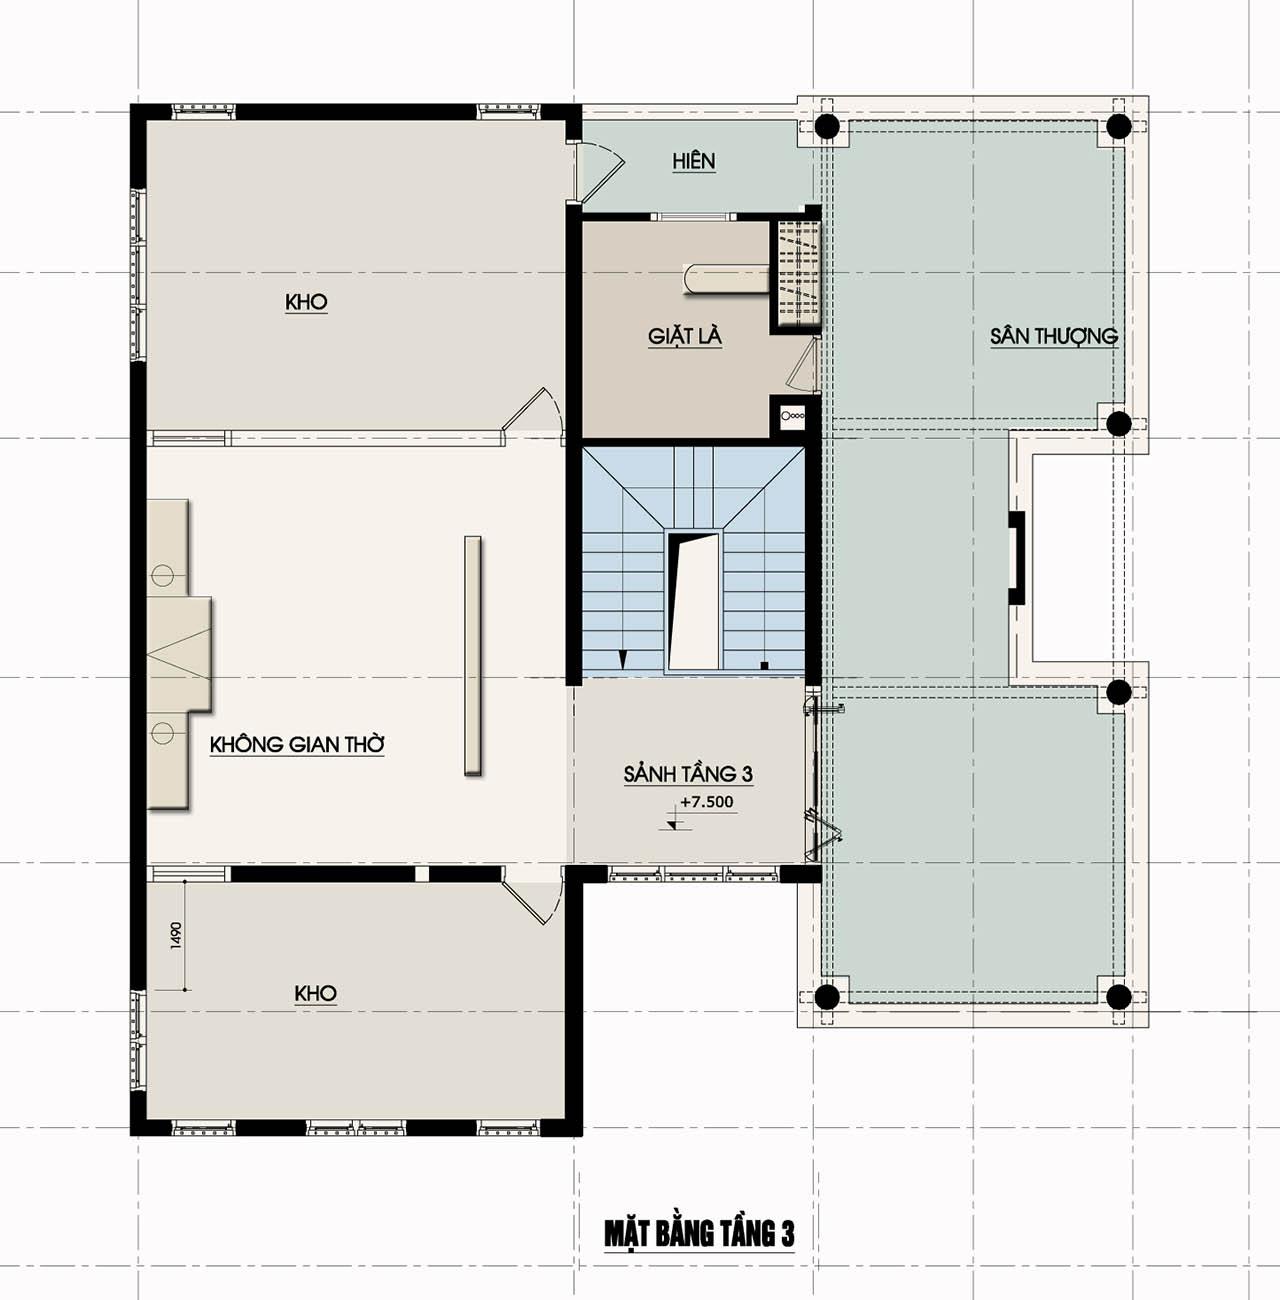 Thiết kế nhà đẹp, Thiết kế nhà phố 2,5 tầng mặt tiền 6,8m